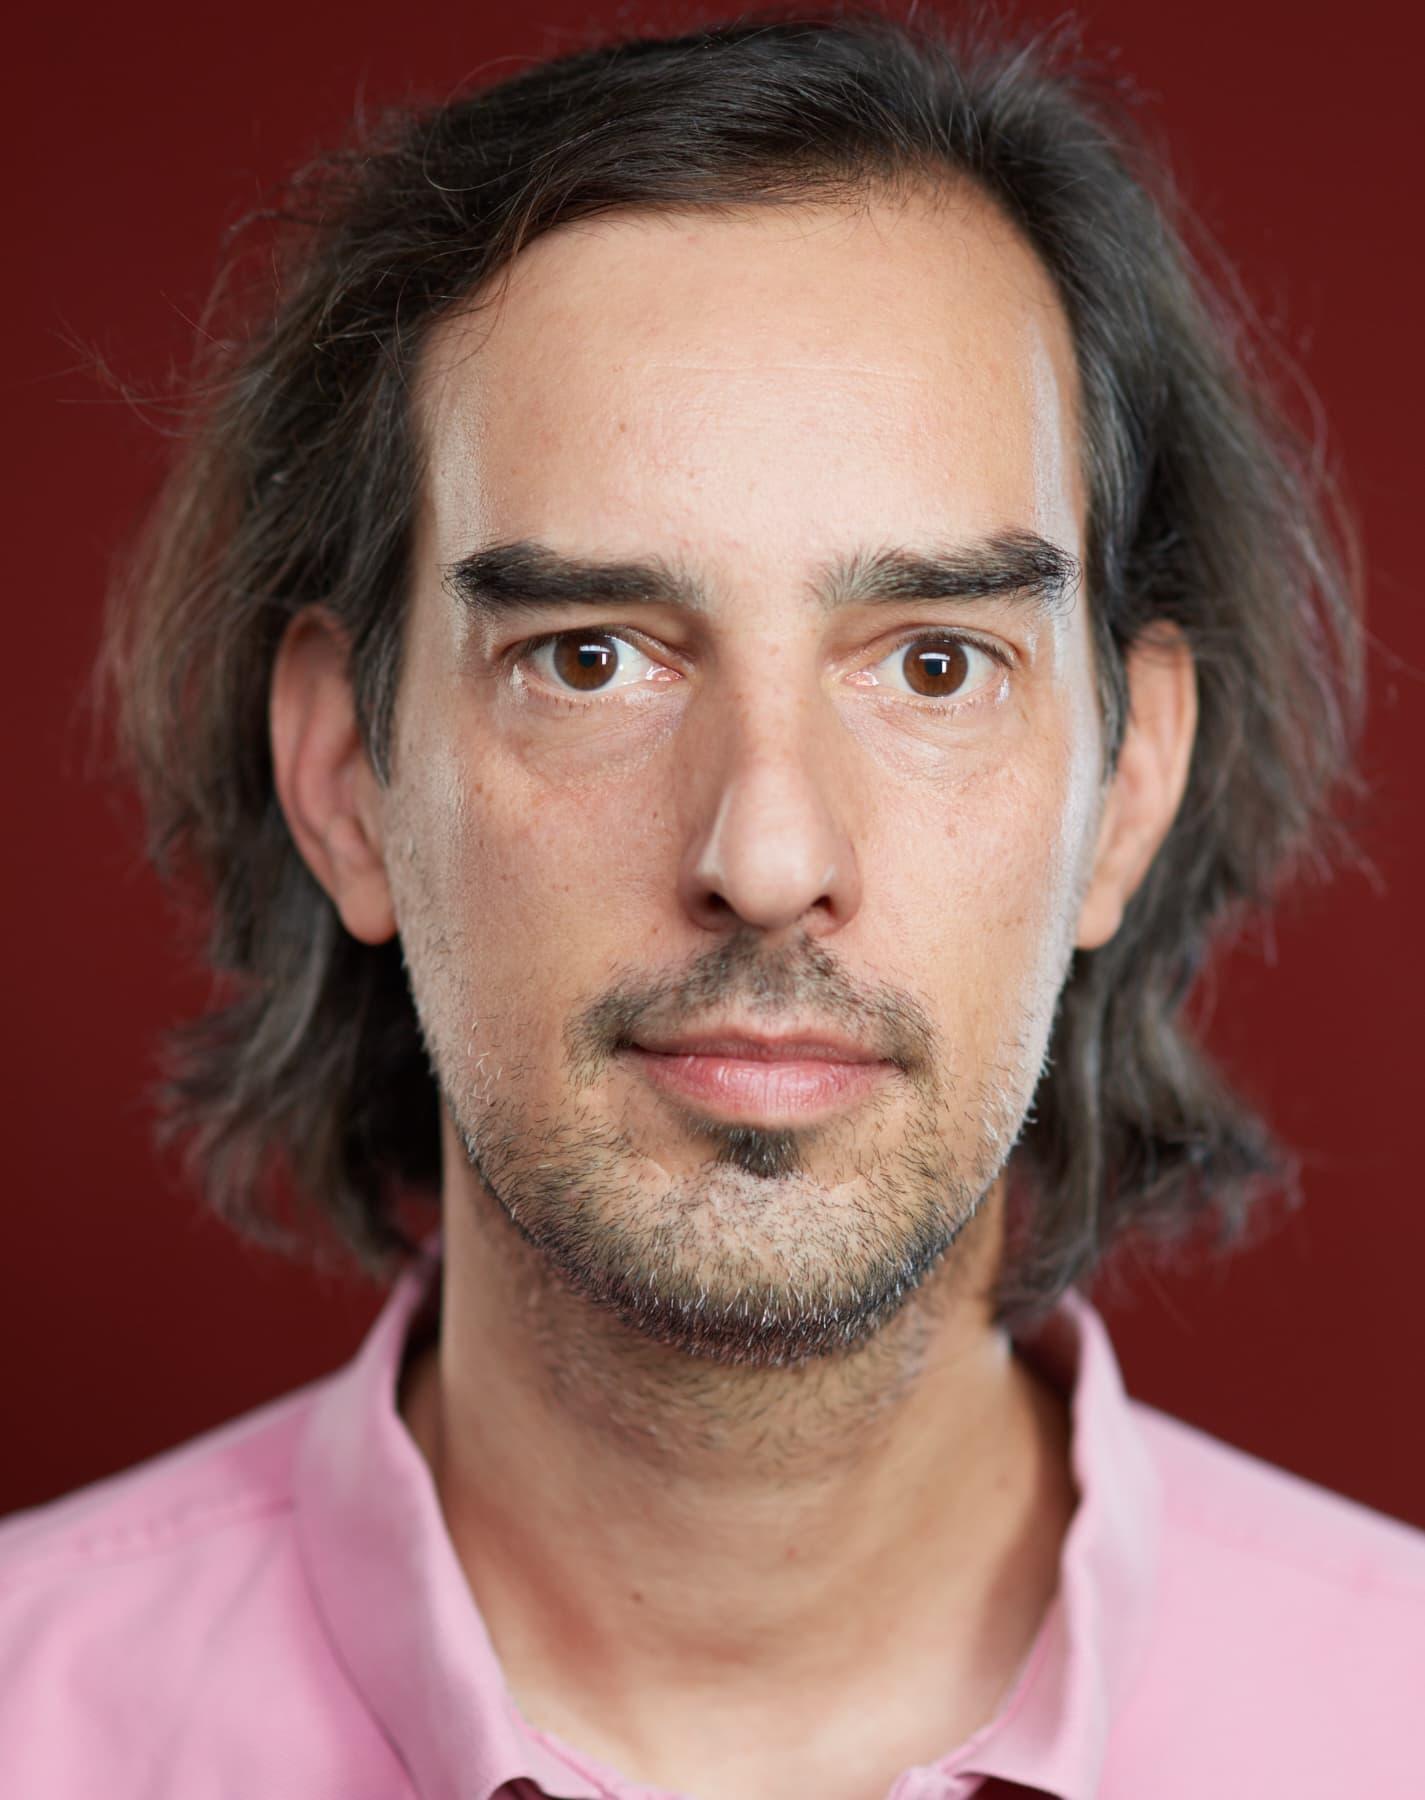 Portrait von eines Mannes mit dreitagebart vor rotem Hintergrund